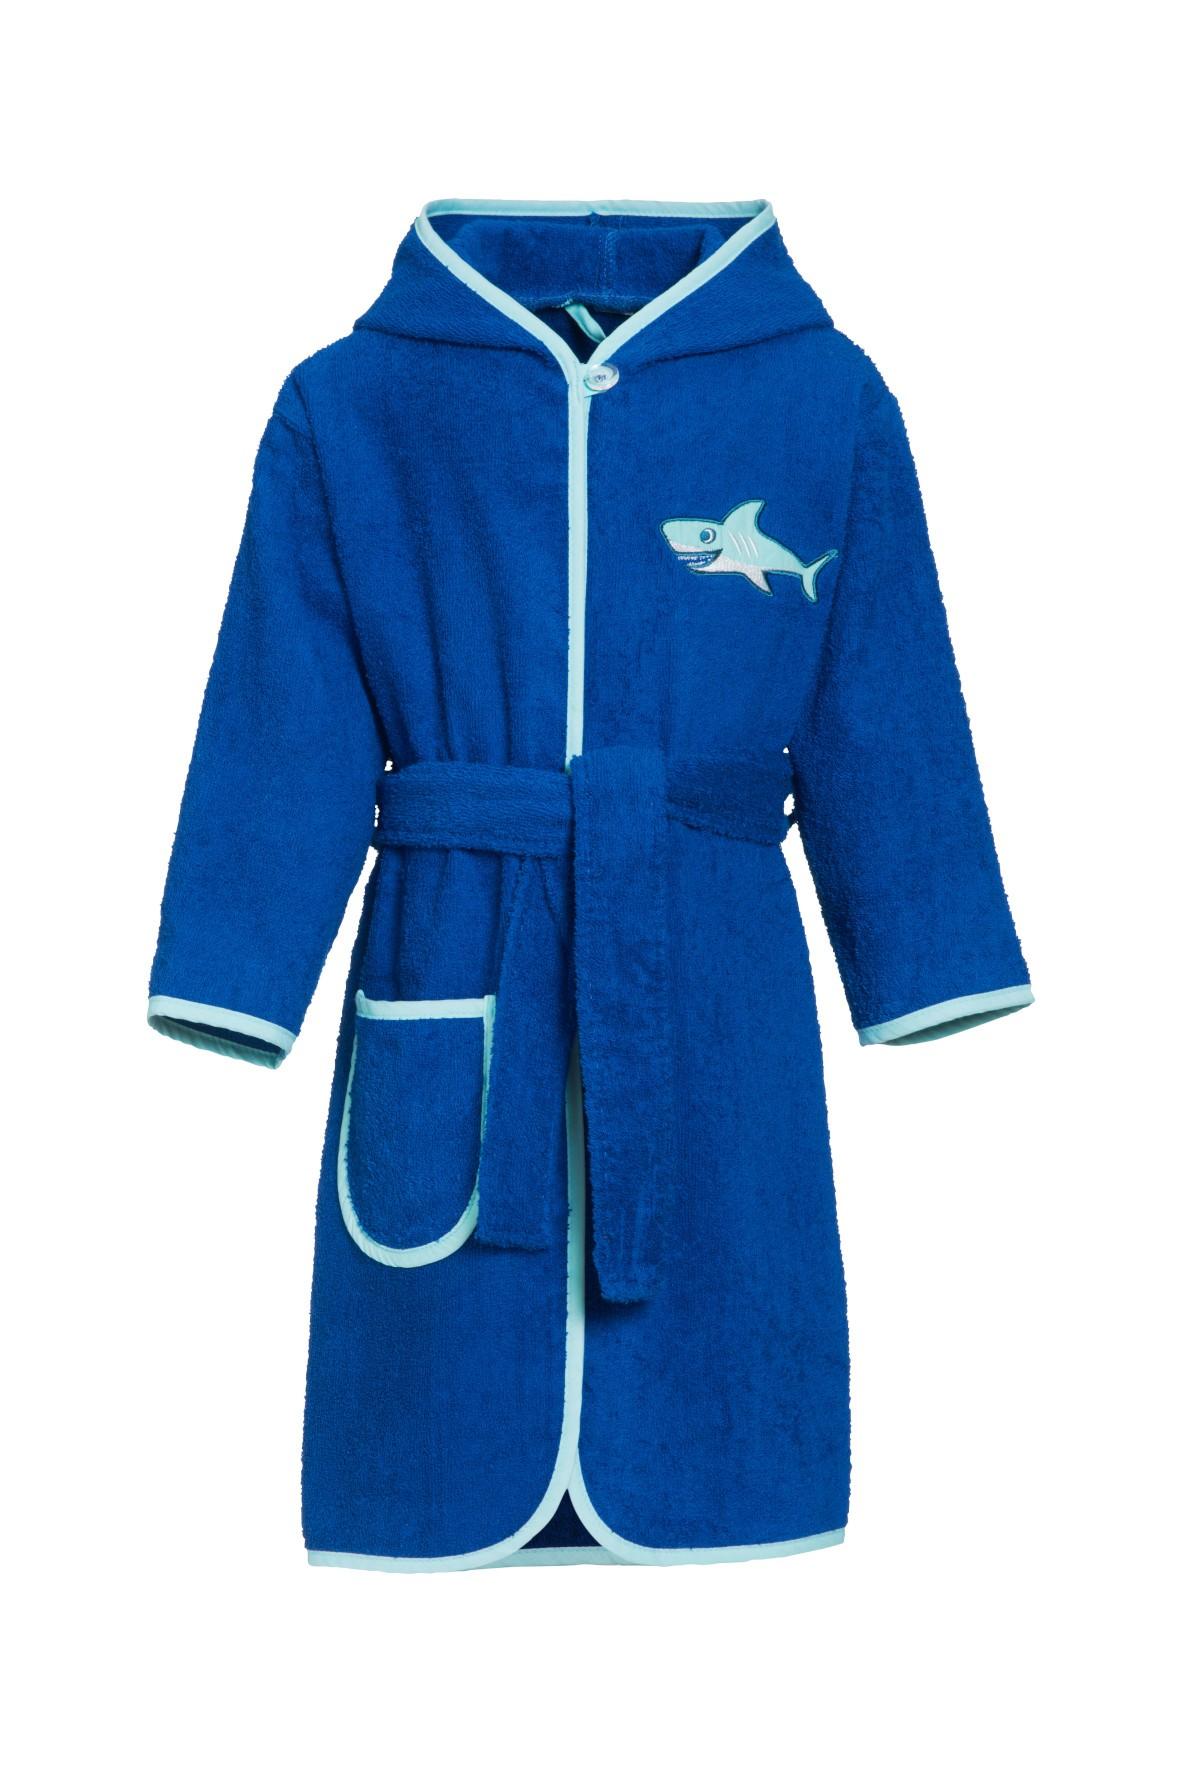 Szlafrok frotte dla chłopca - niebieski z rekinem